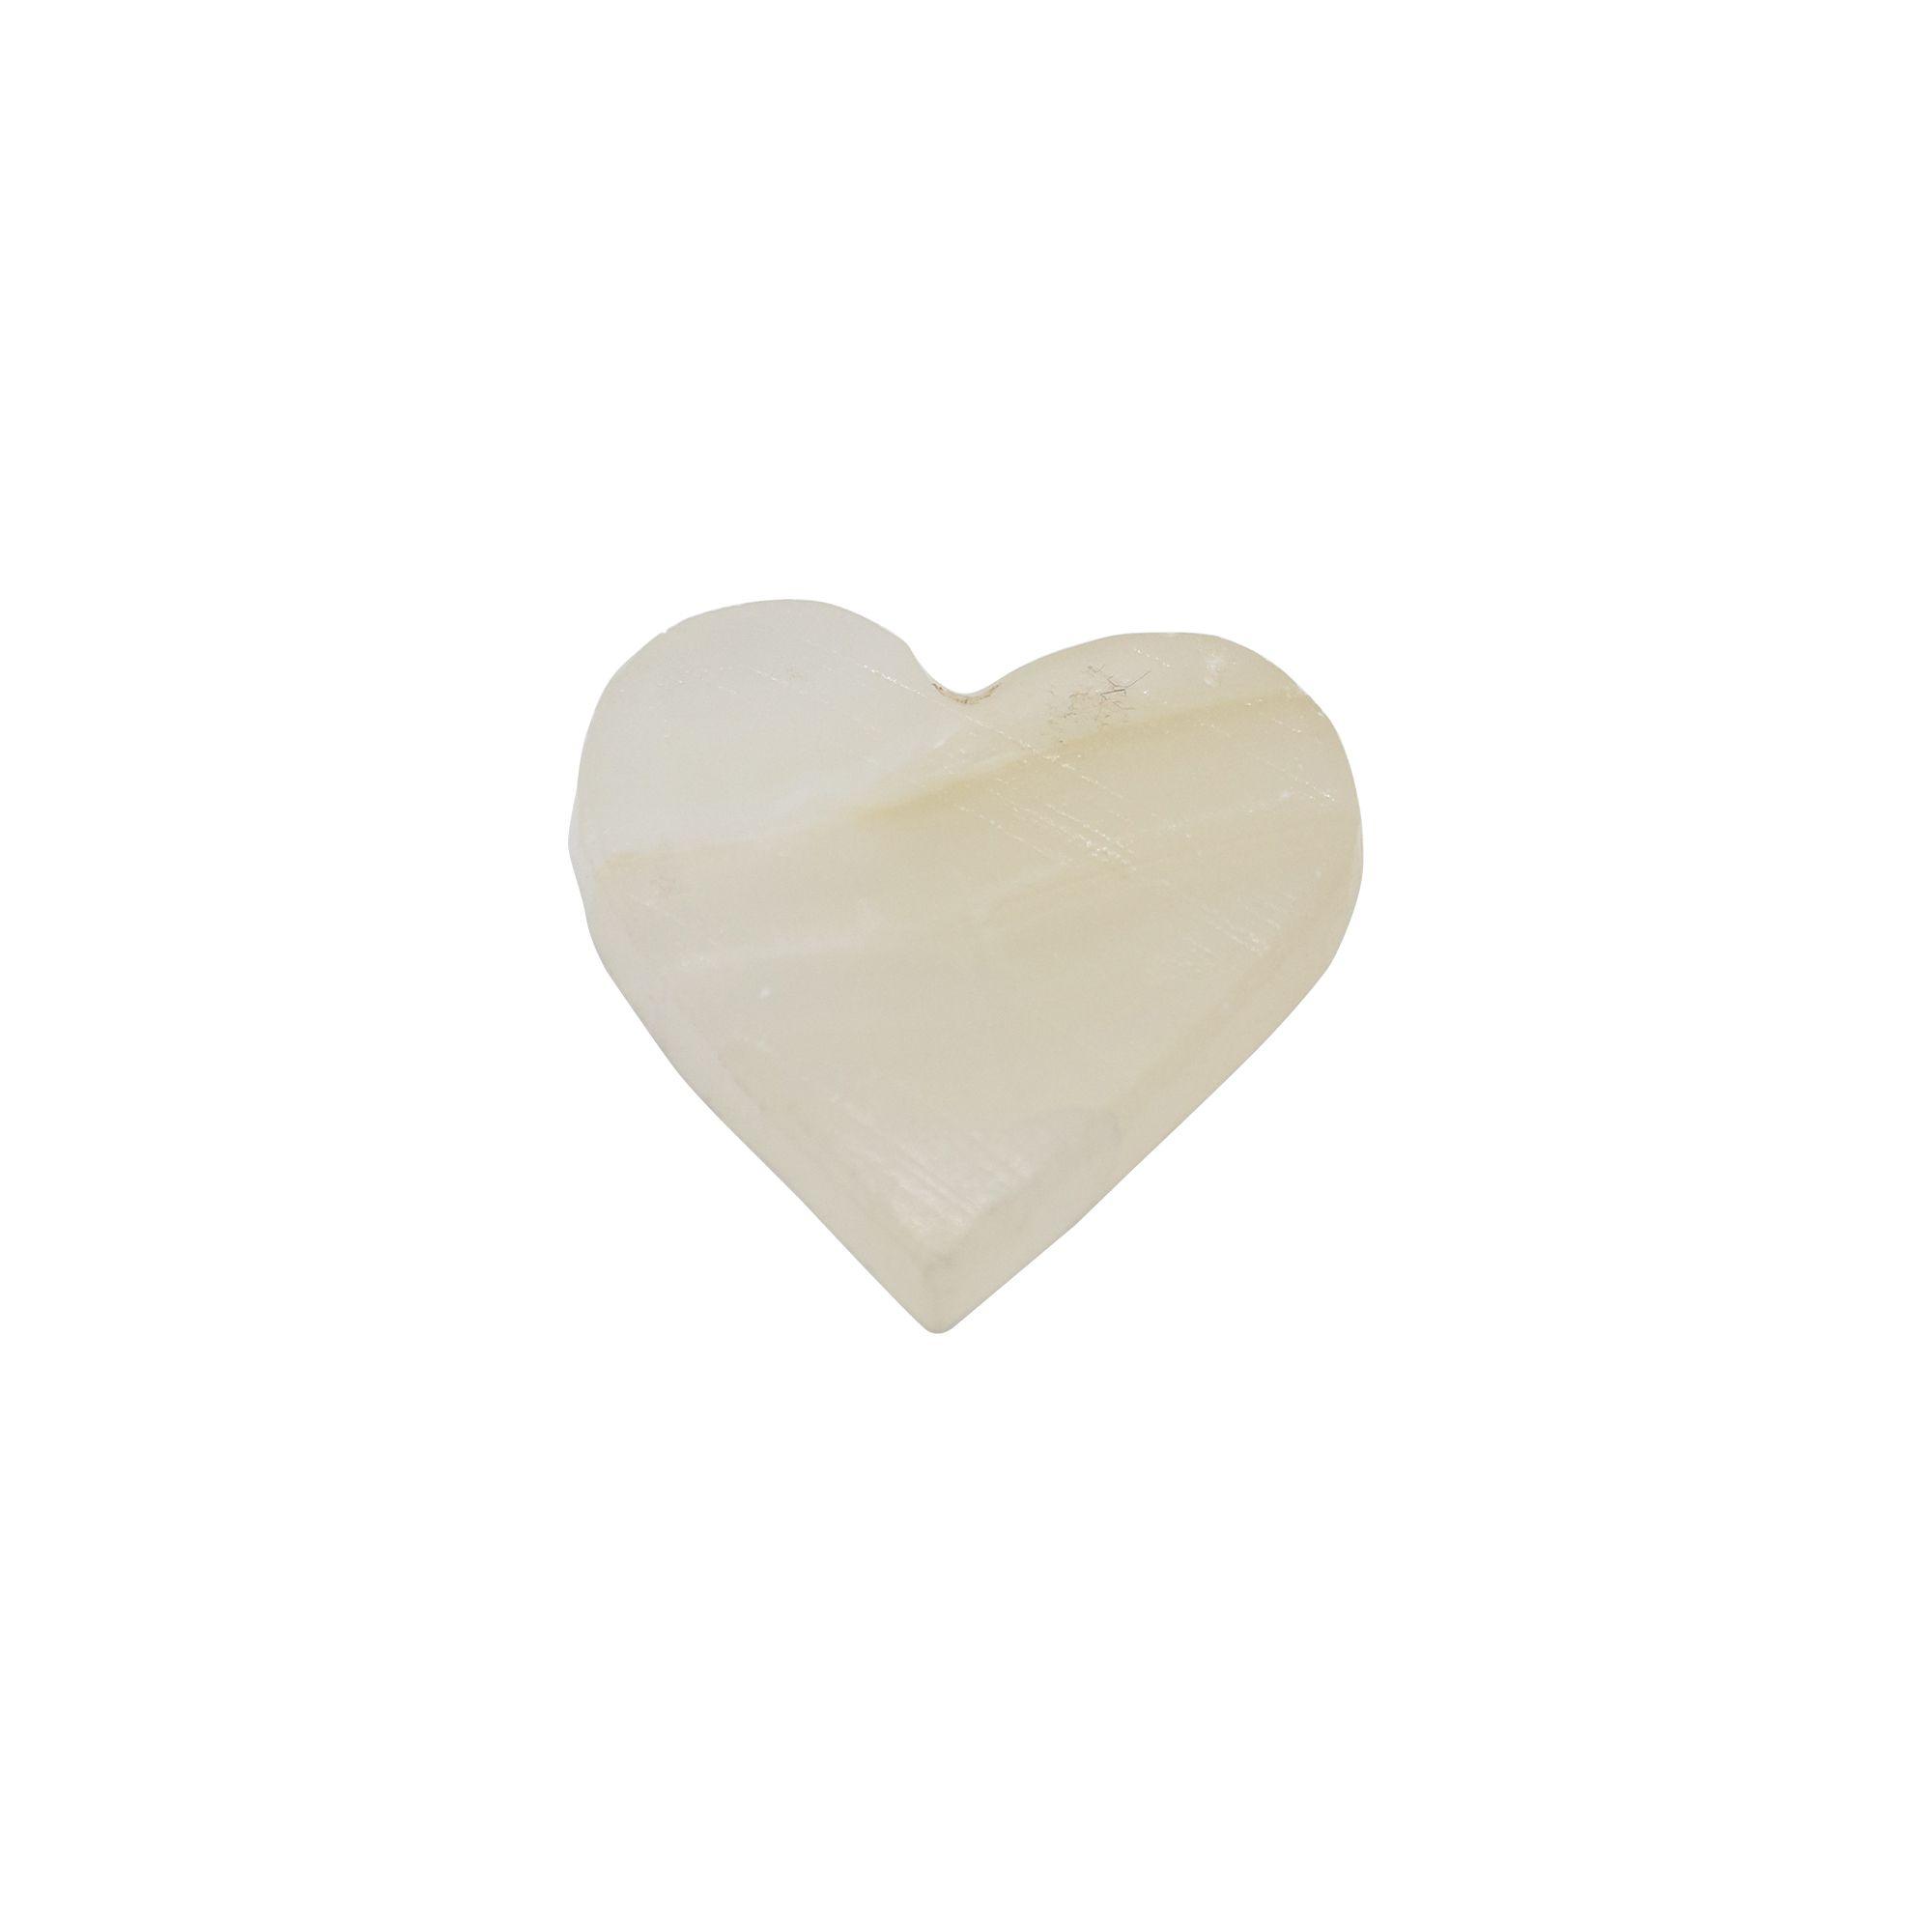 Pedra Quartzo branca em forma de coração 12g - semi lapidada